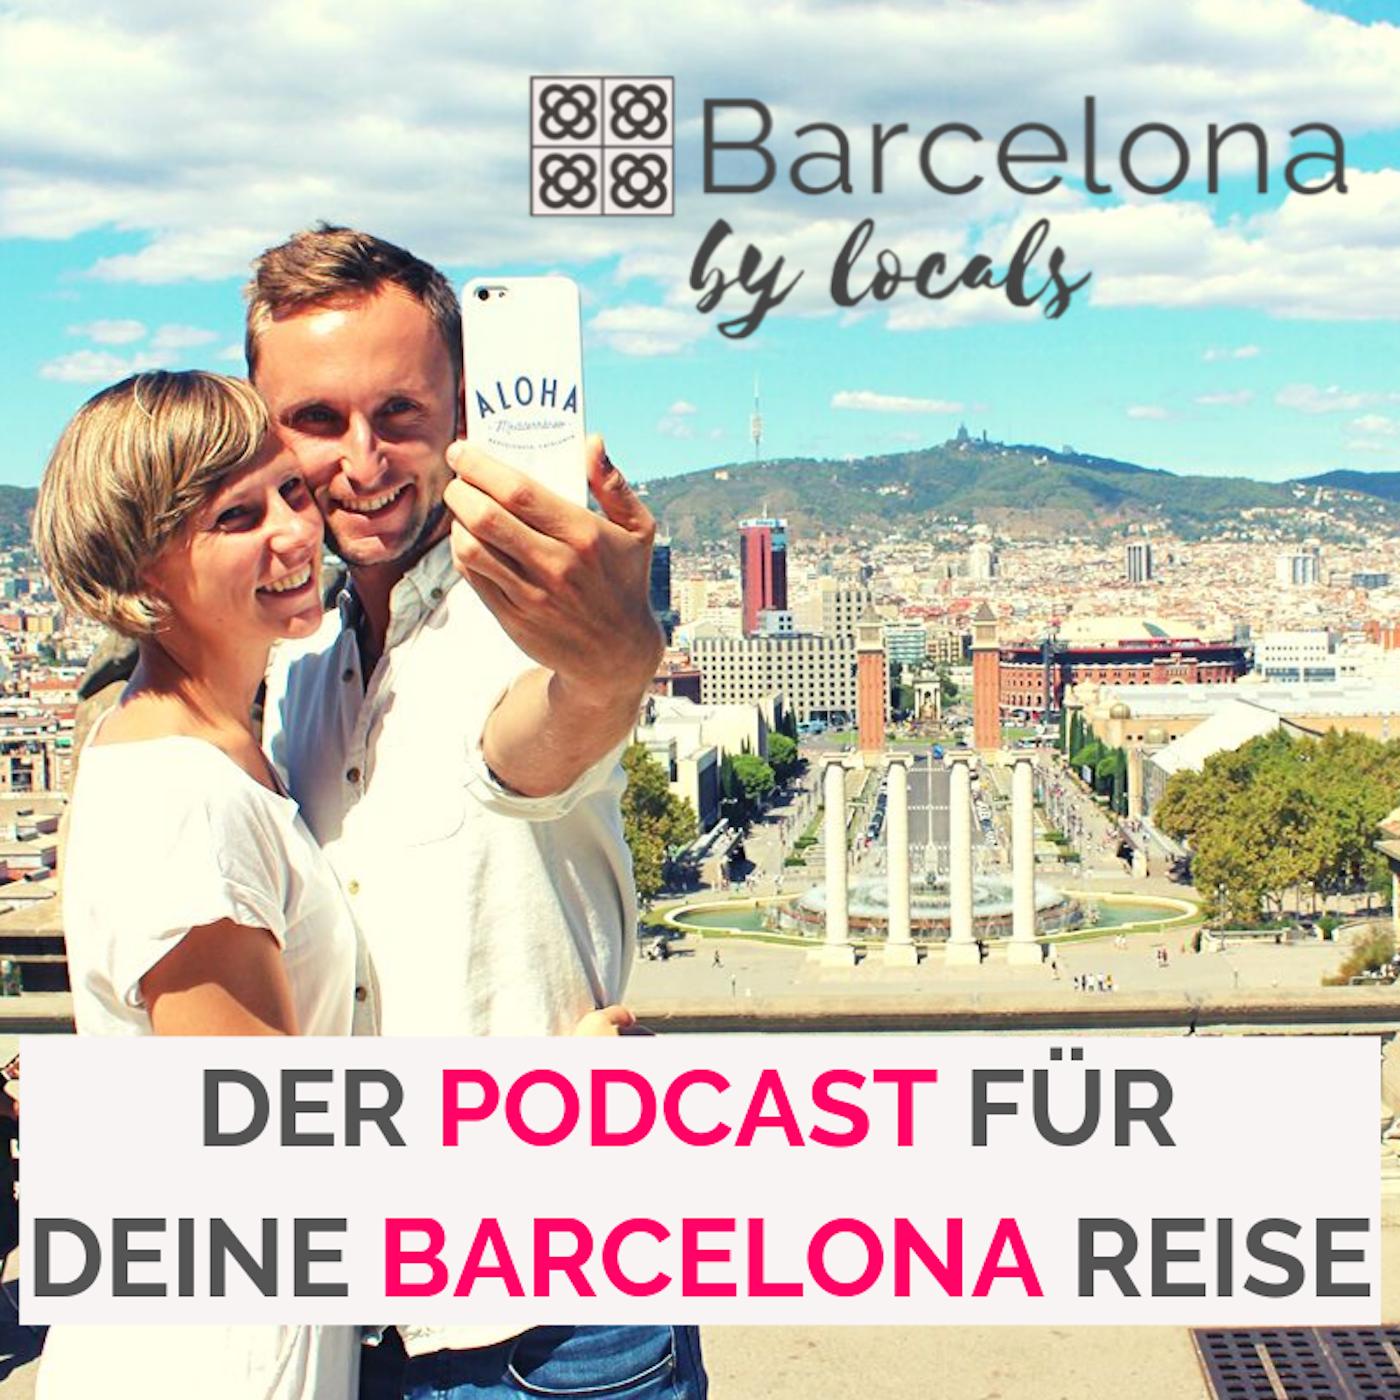 Barcelona by locals - Der Podcast für deine Barcelona Reise show art